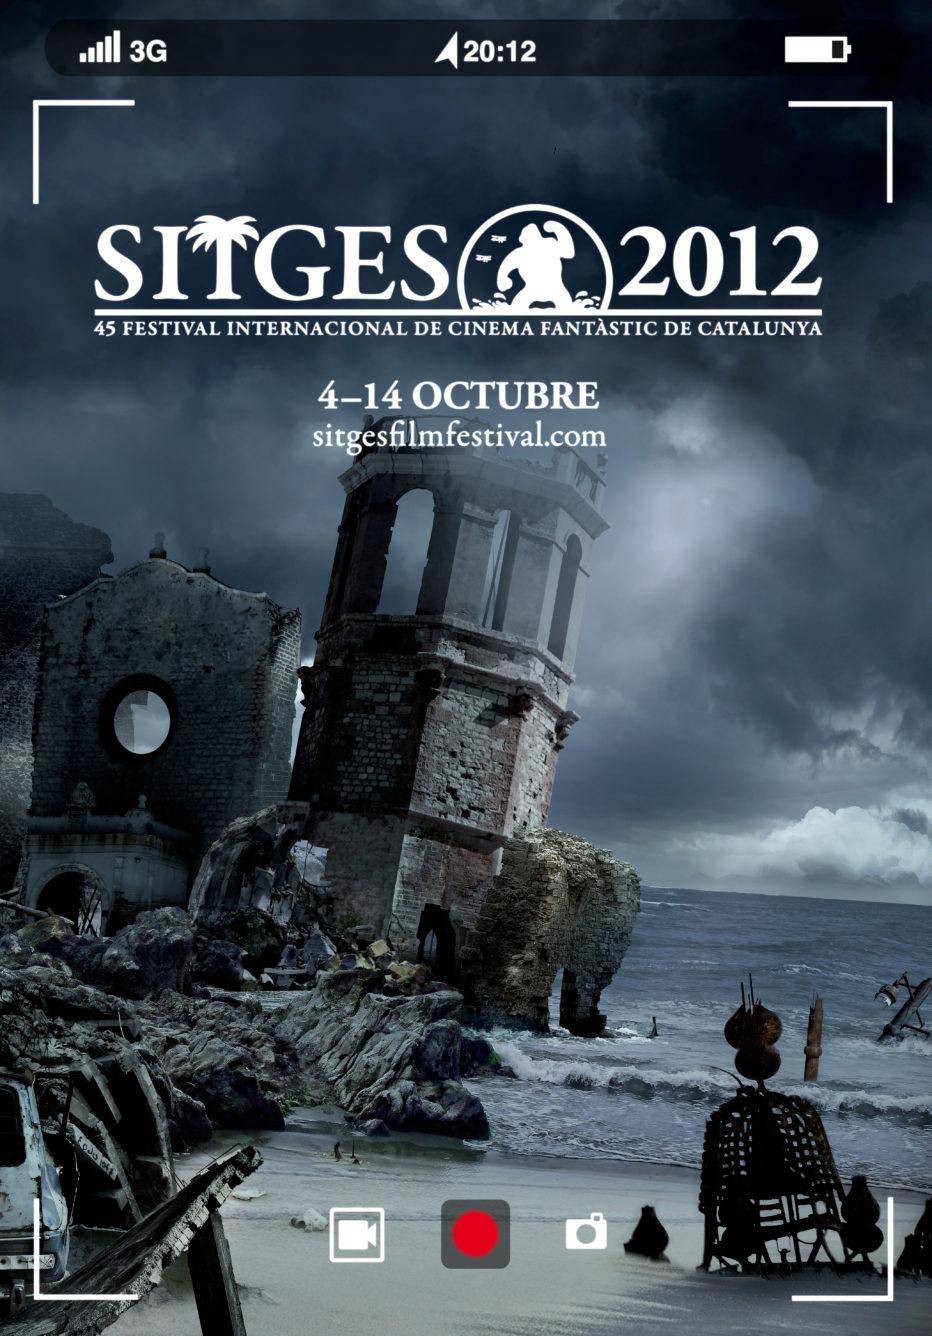 Sitges 2012 llega con la más completa selección del cine fantástico actual